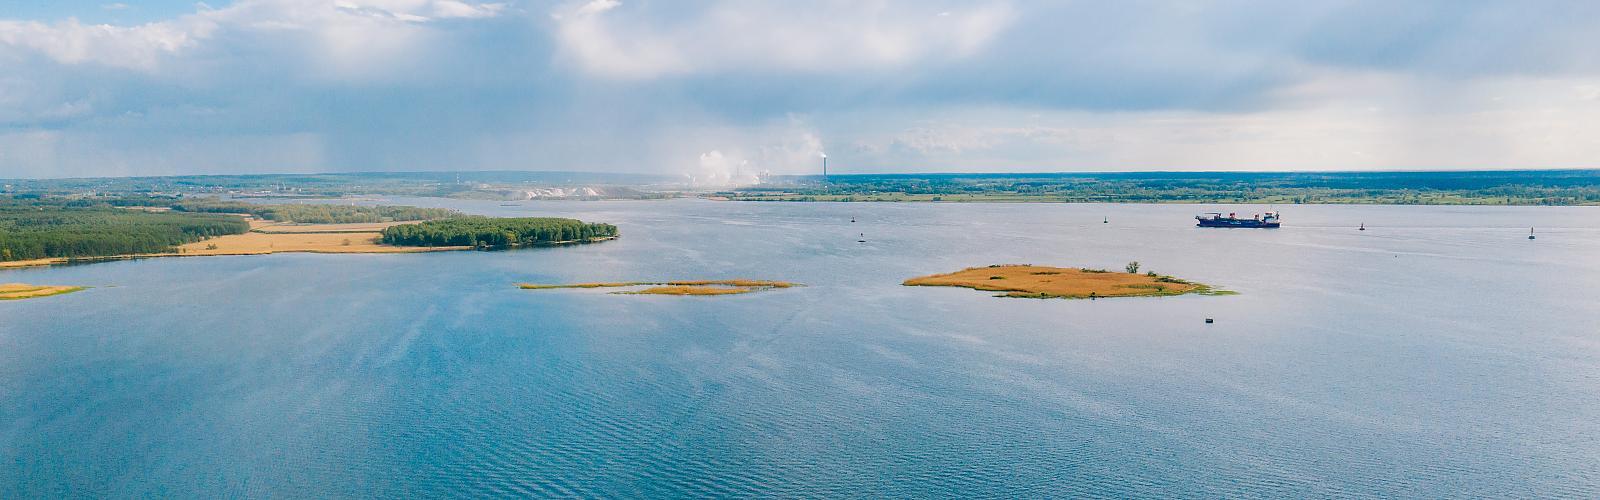 Zalew Szczeciński, tor wodny w pobliżu Stepnicy.